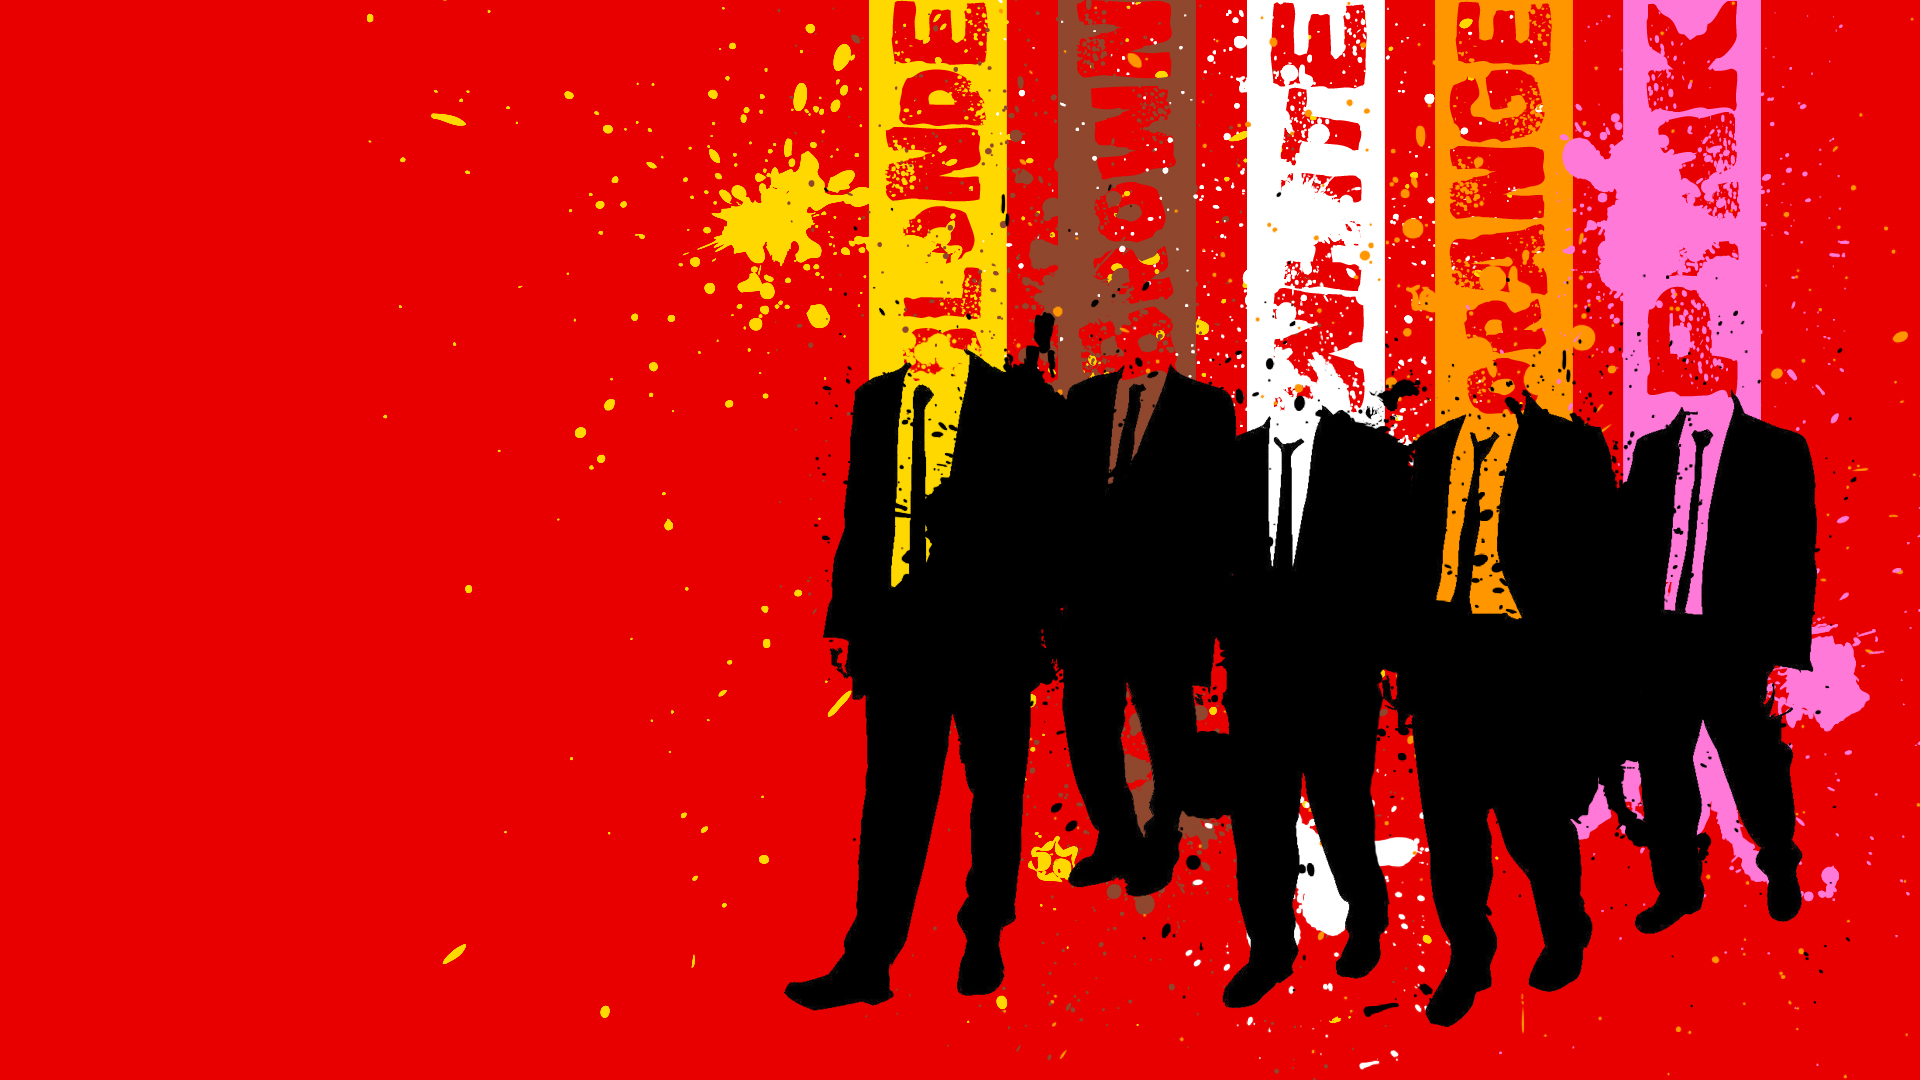 Seis criminales son contratados por Joe Cabot   y su hijo Nice Guy Eddie   para un trabajo. Escondidos bajo nombres de colores: el señor Naranja   , el señor Blanco,  el señor Rosa  , el señor Rubio  , el señor Marrón   y el señor Azul   . Preparan minuciosamente el robo a un almacén de diamantes, pero la policía aparece en el momento del atraco convirtiéndolo en una masacre. Todo hace sospechar que hay un traidor infiltrado.